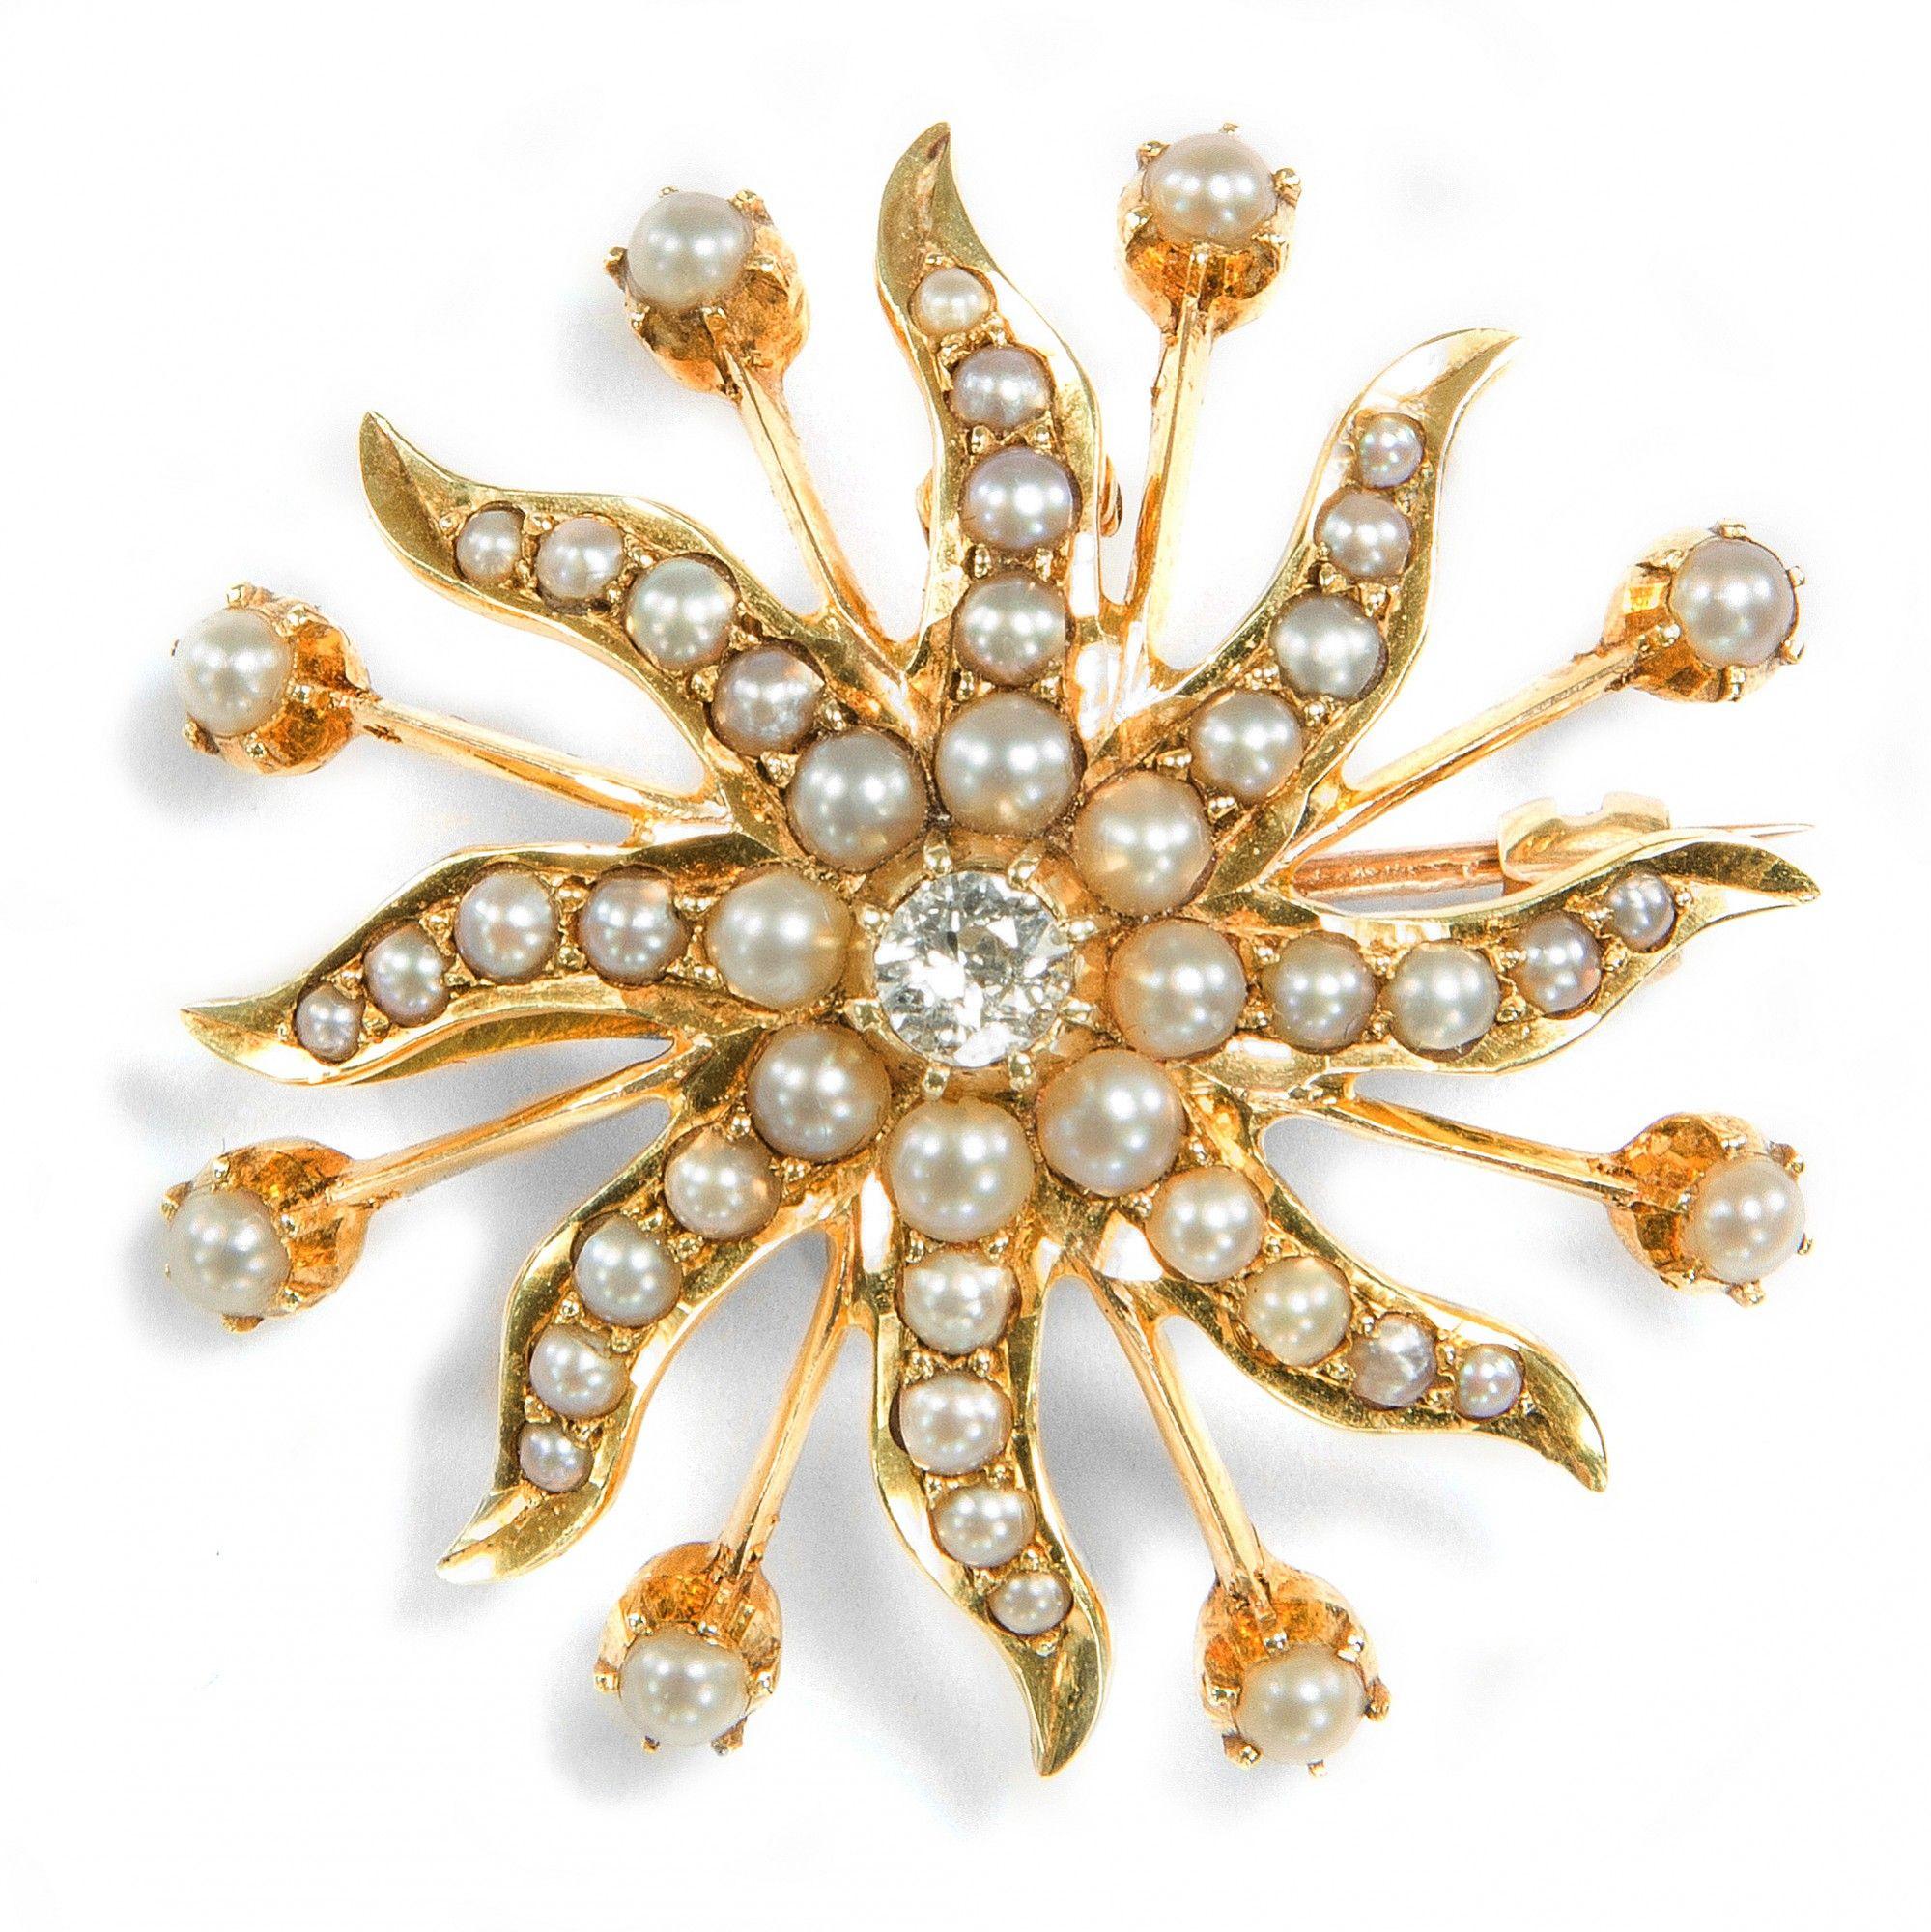 Licht in dunkler Nacht Wunderbare Perlen & Diamant Brosche